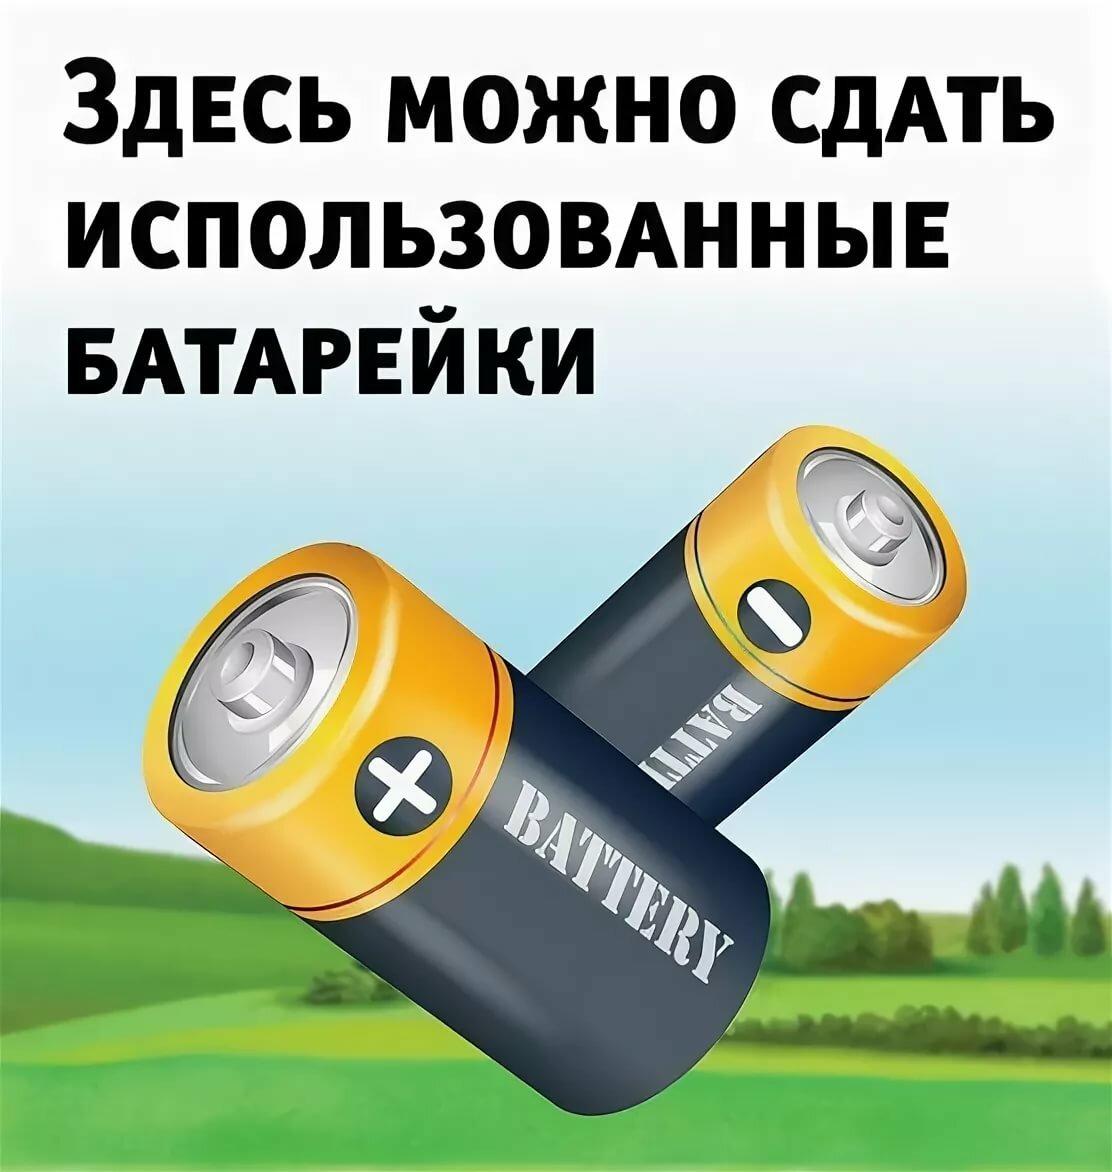 Картинка батарейки сбор